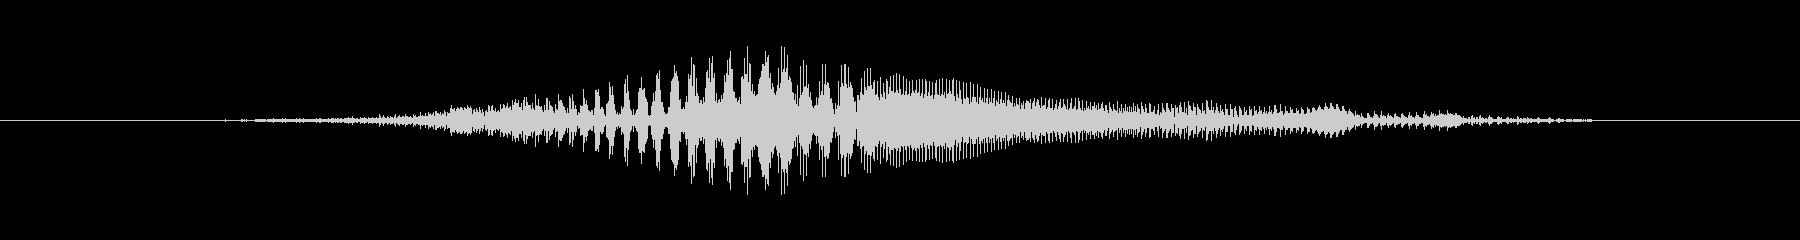 鳴き声 女性01応援そう01の未再生の波形